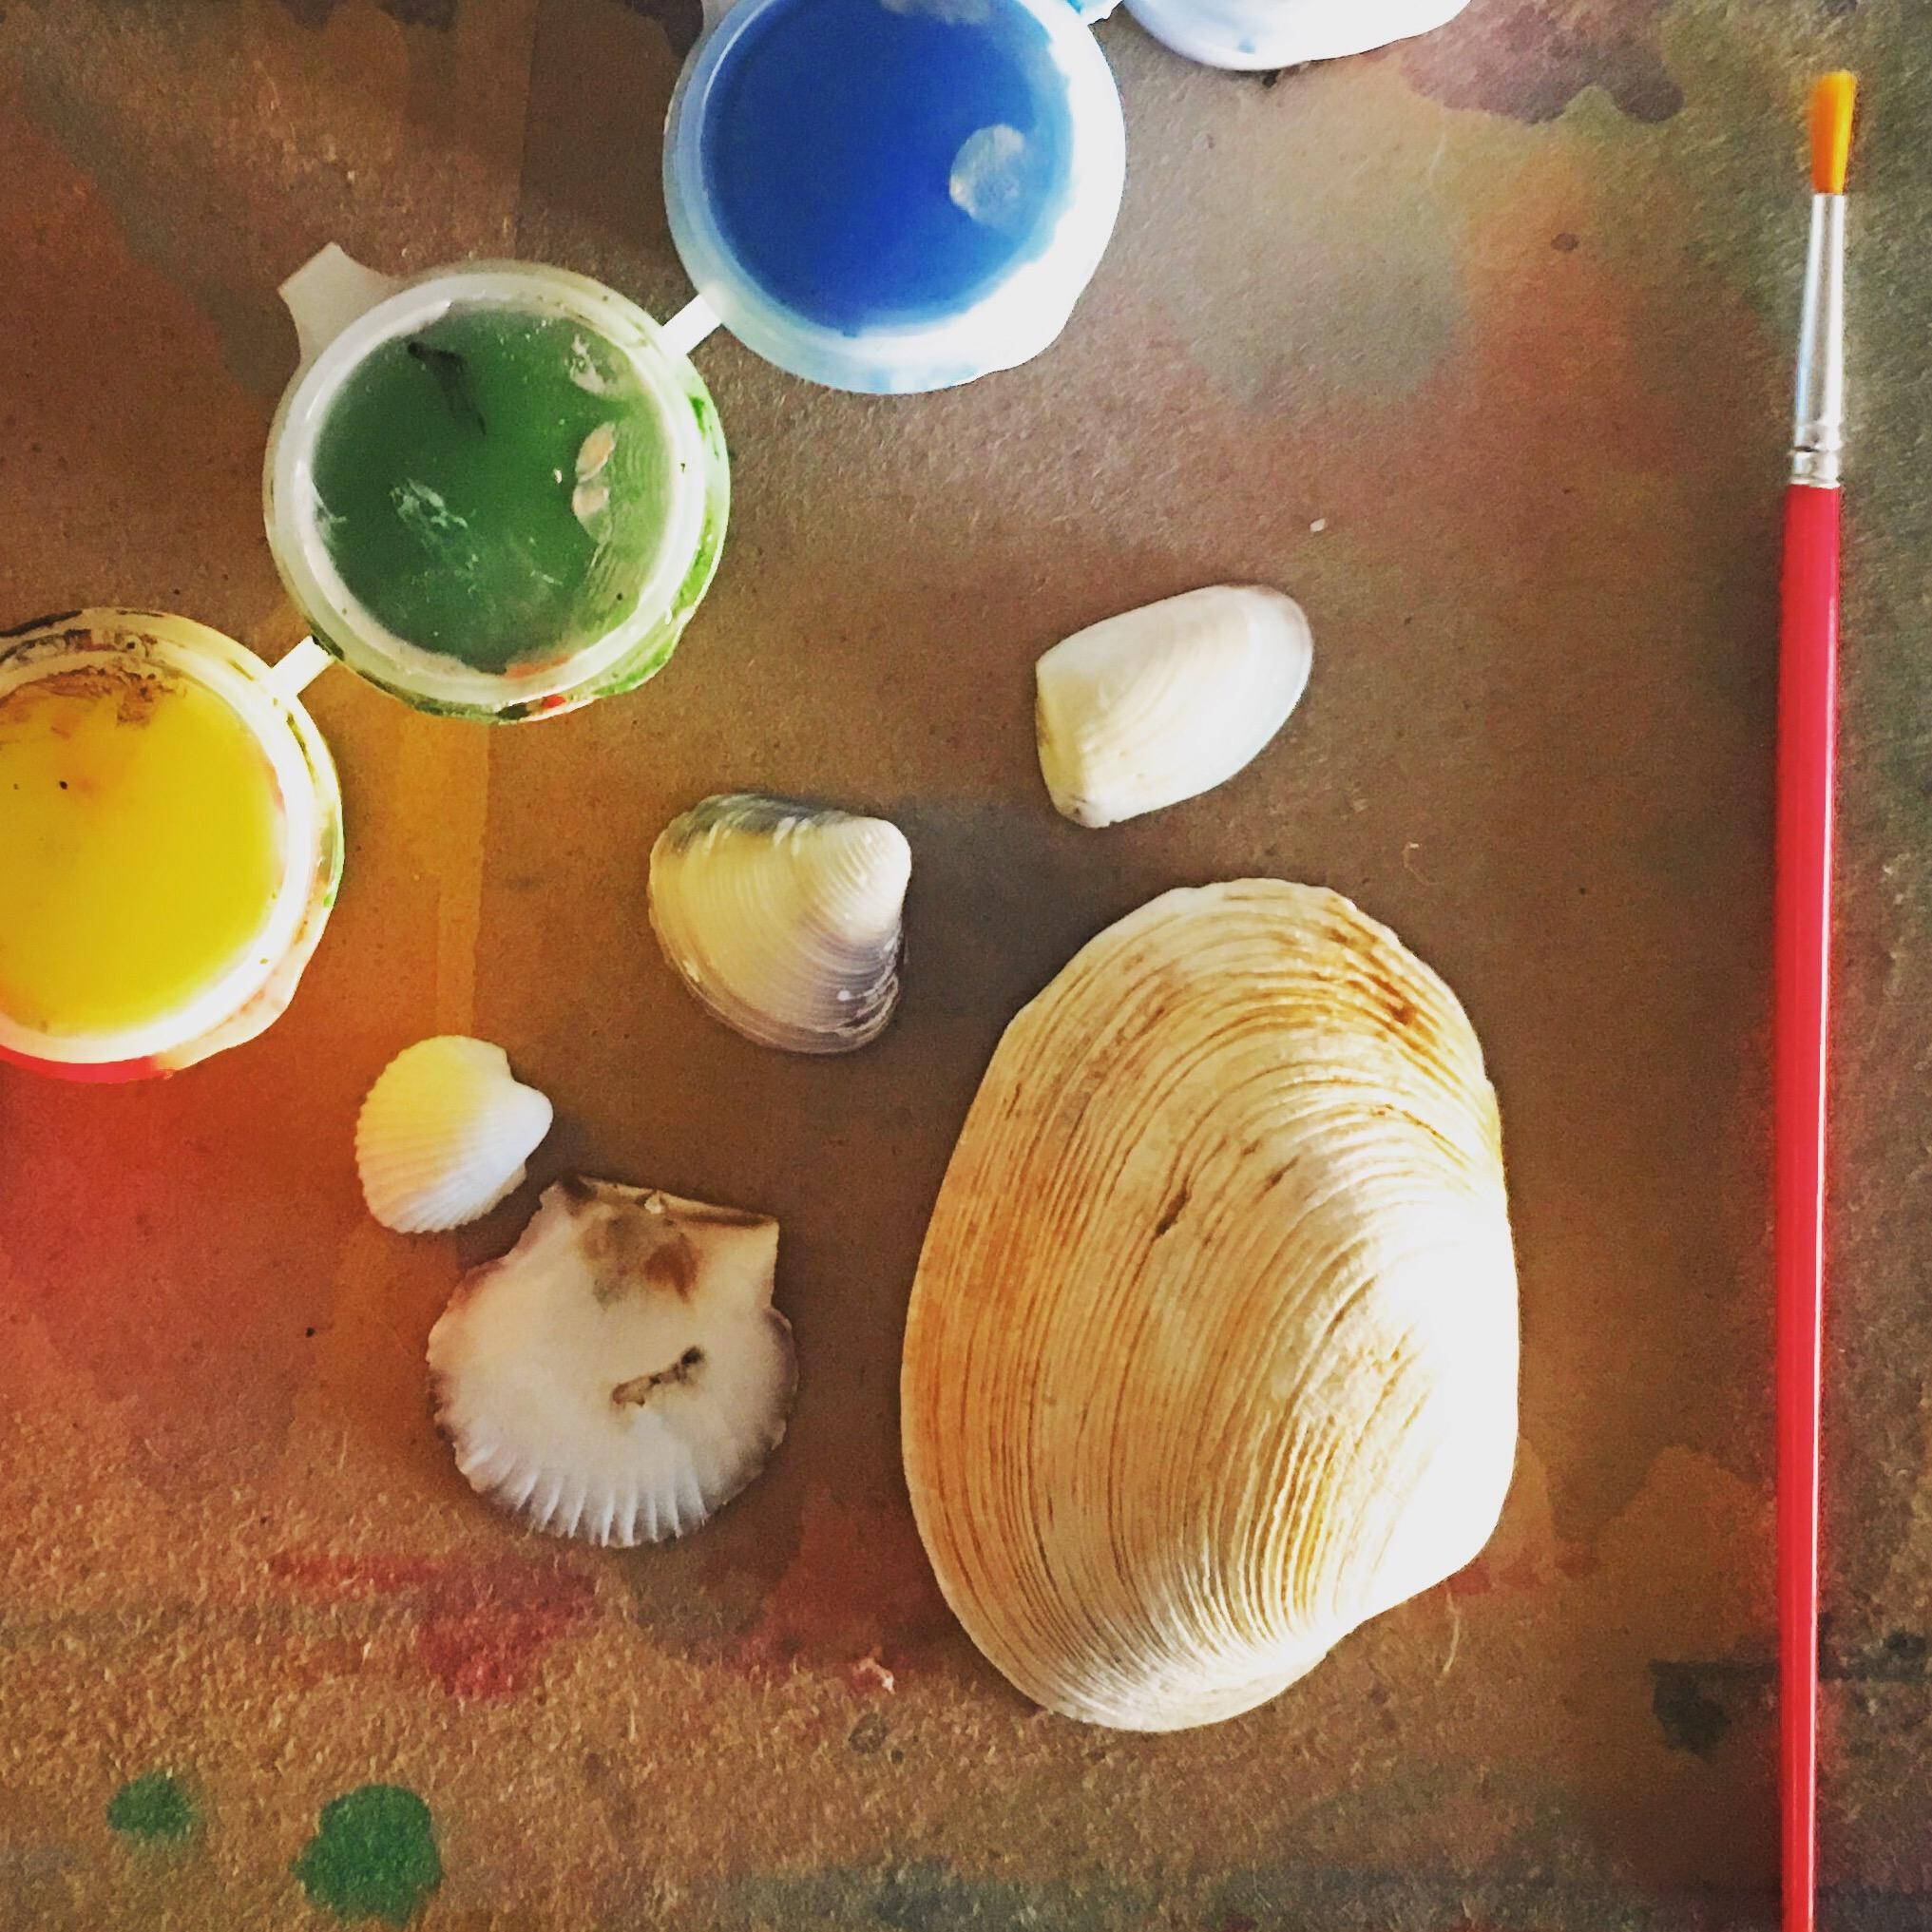 Sea shell christmas ornaments - Painted Sea Shell Provocation For Christmas Ornaments